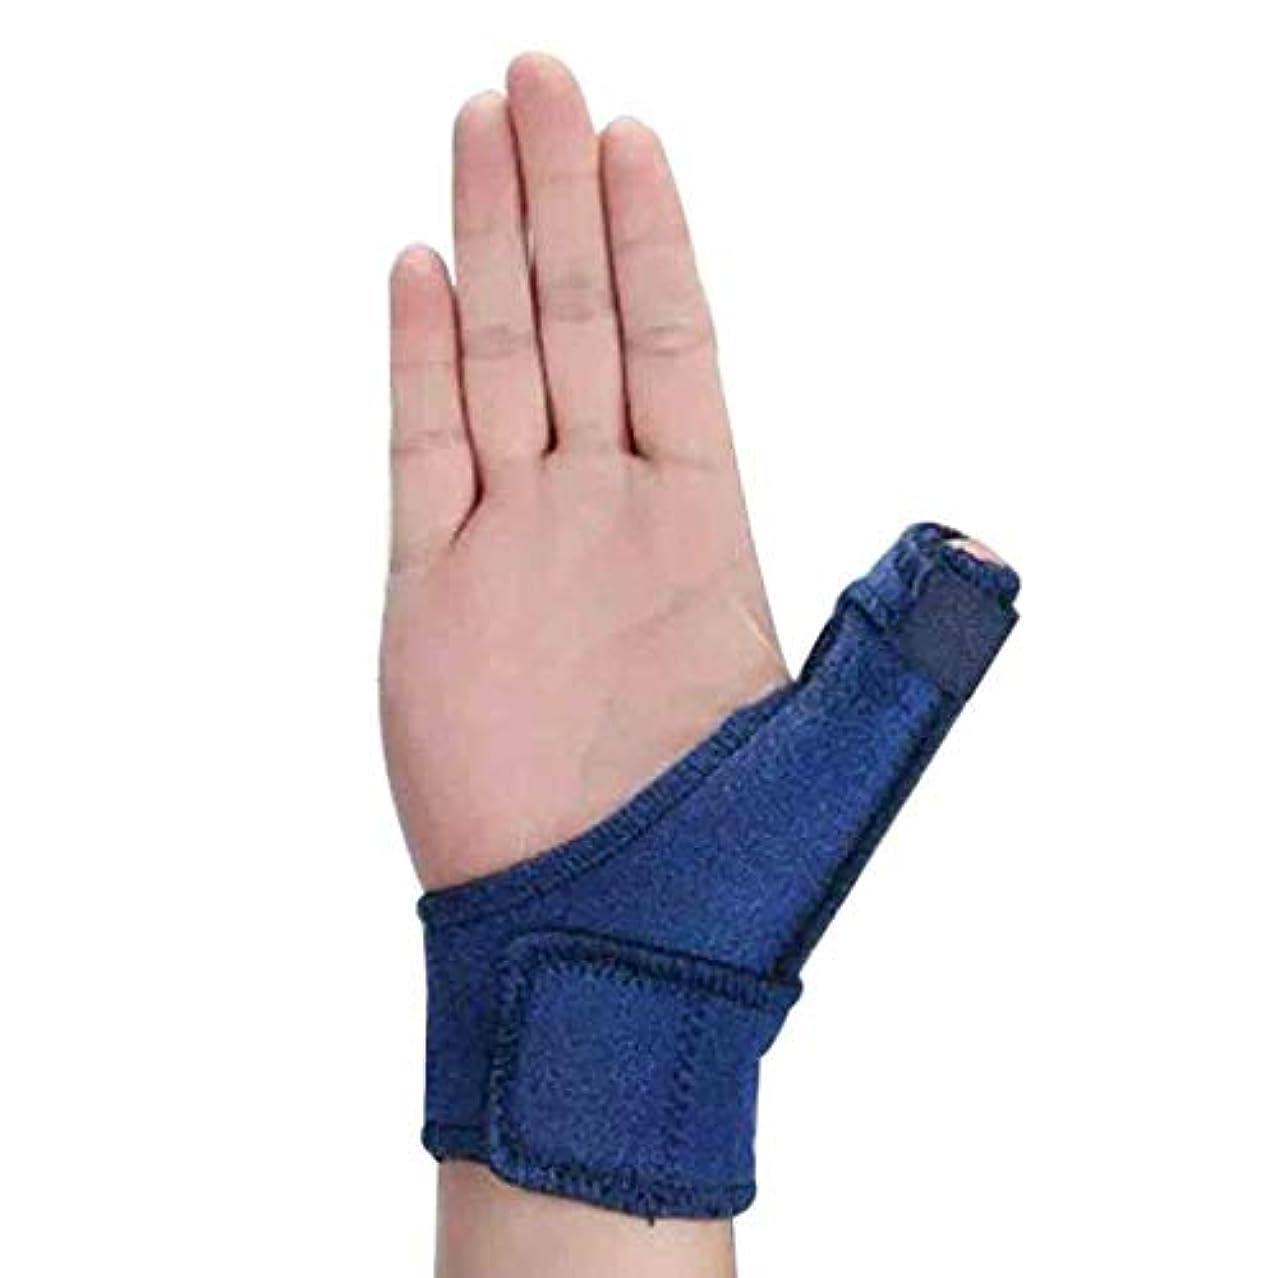 用心文房具主トリガーのための調節可能な親指スプリント親指リストストラップブレース親指スプリント親指関節炎痛み緩和ブレース(1個、ユニセックス、左&右の手青) Roscloud@